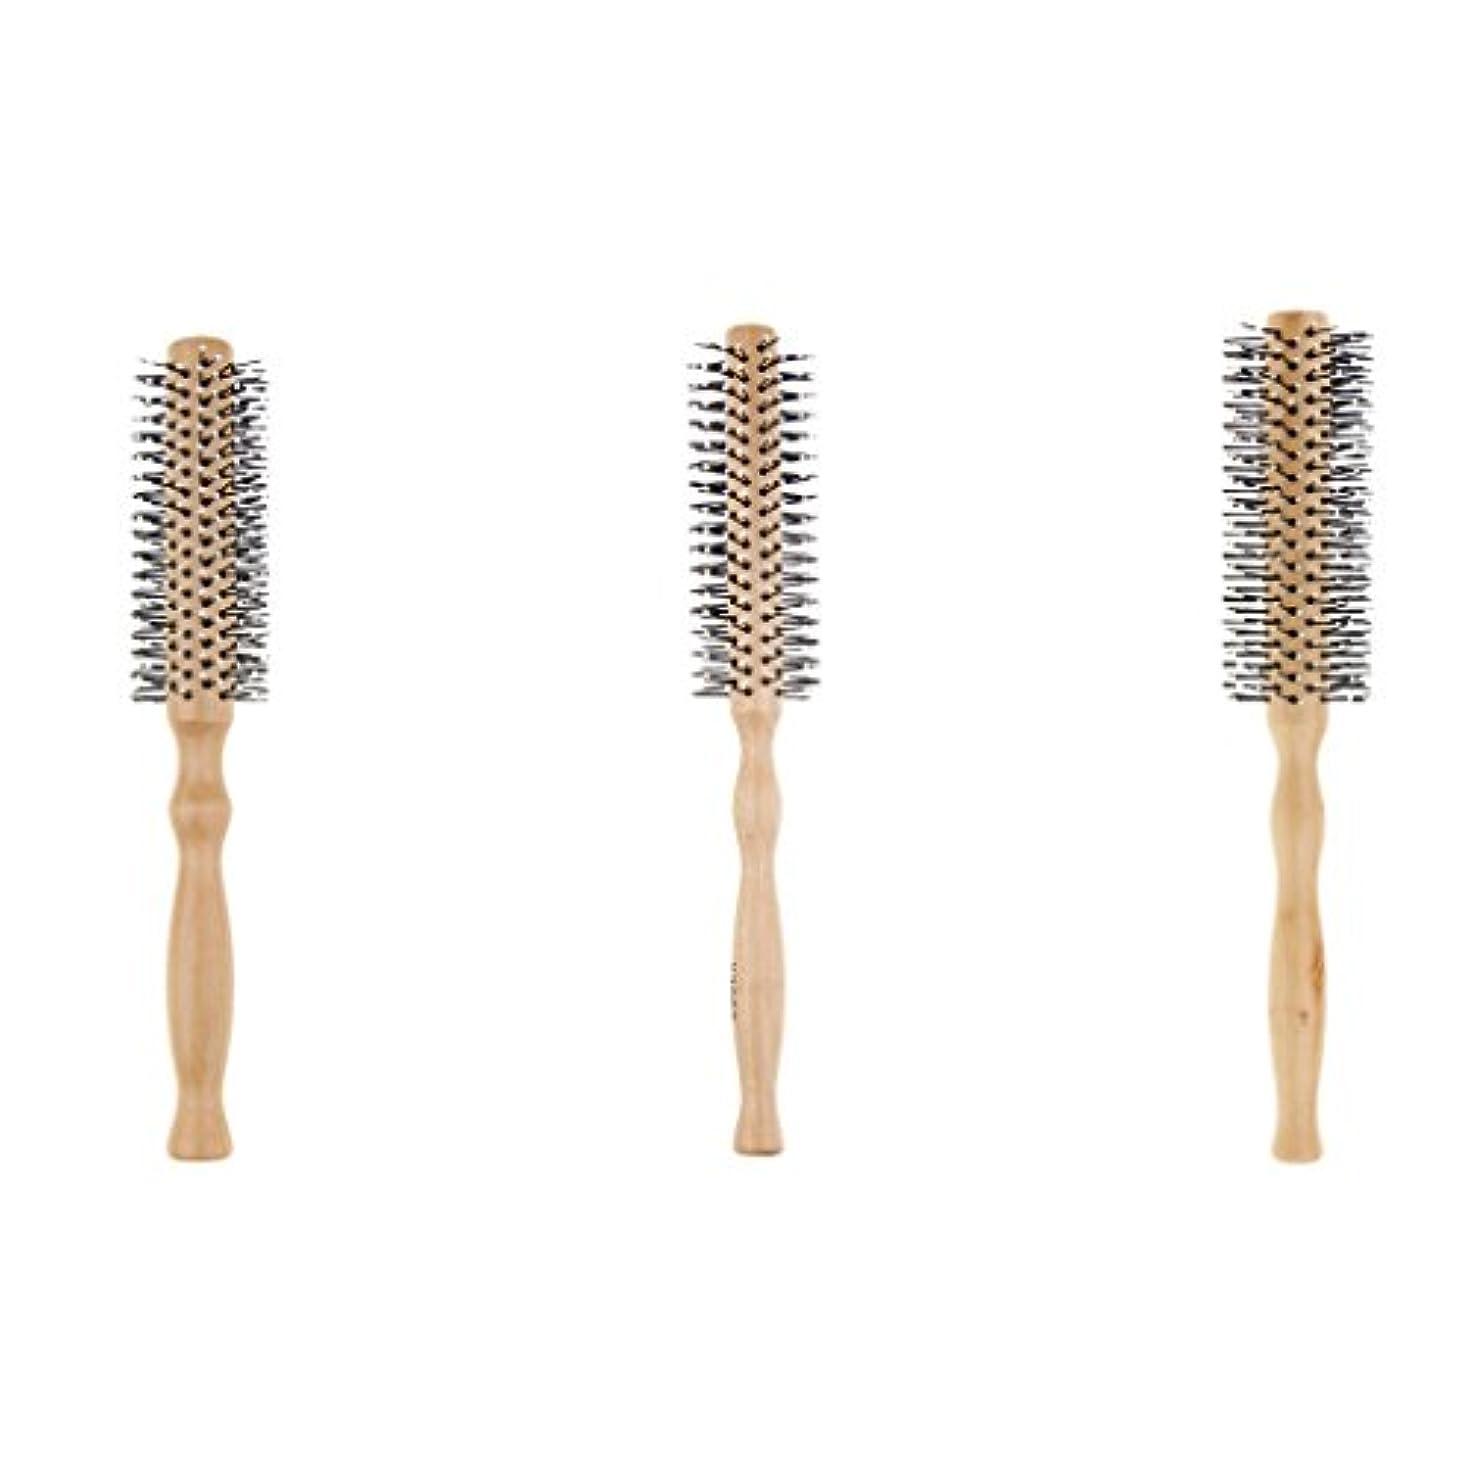 時制分割投獄P Prettyia 3本 ヘアブラシ ロールブラシ ヘアスタイリング 巻き髪 木製 波状 カール